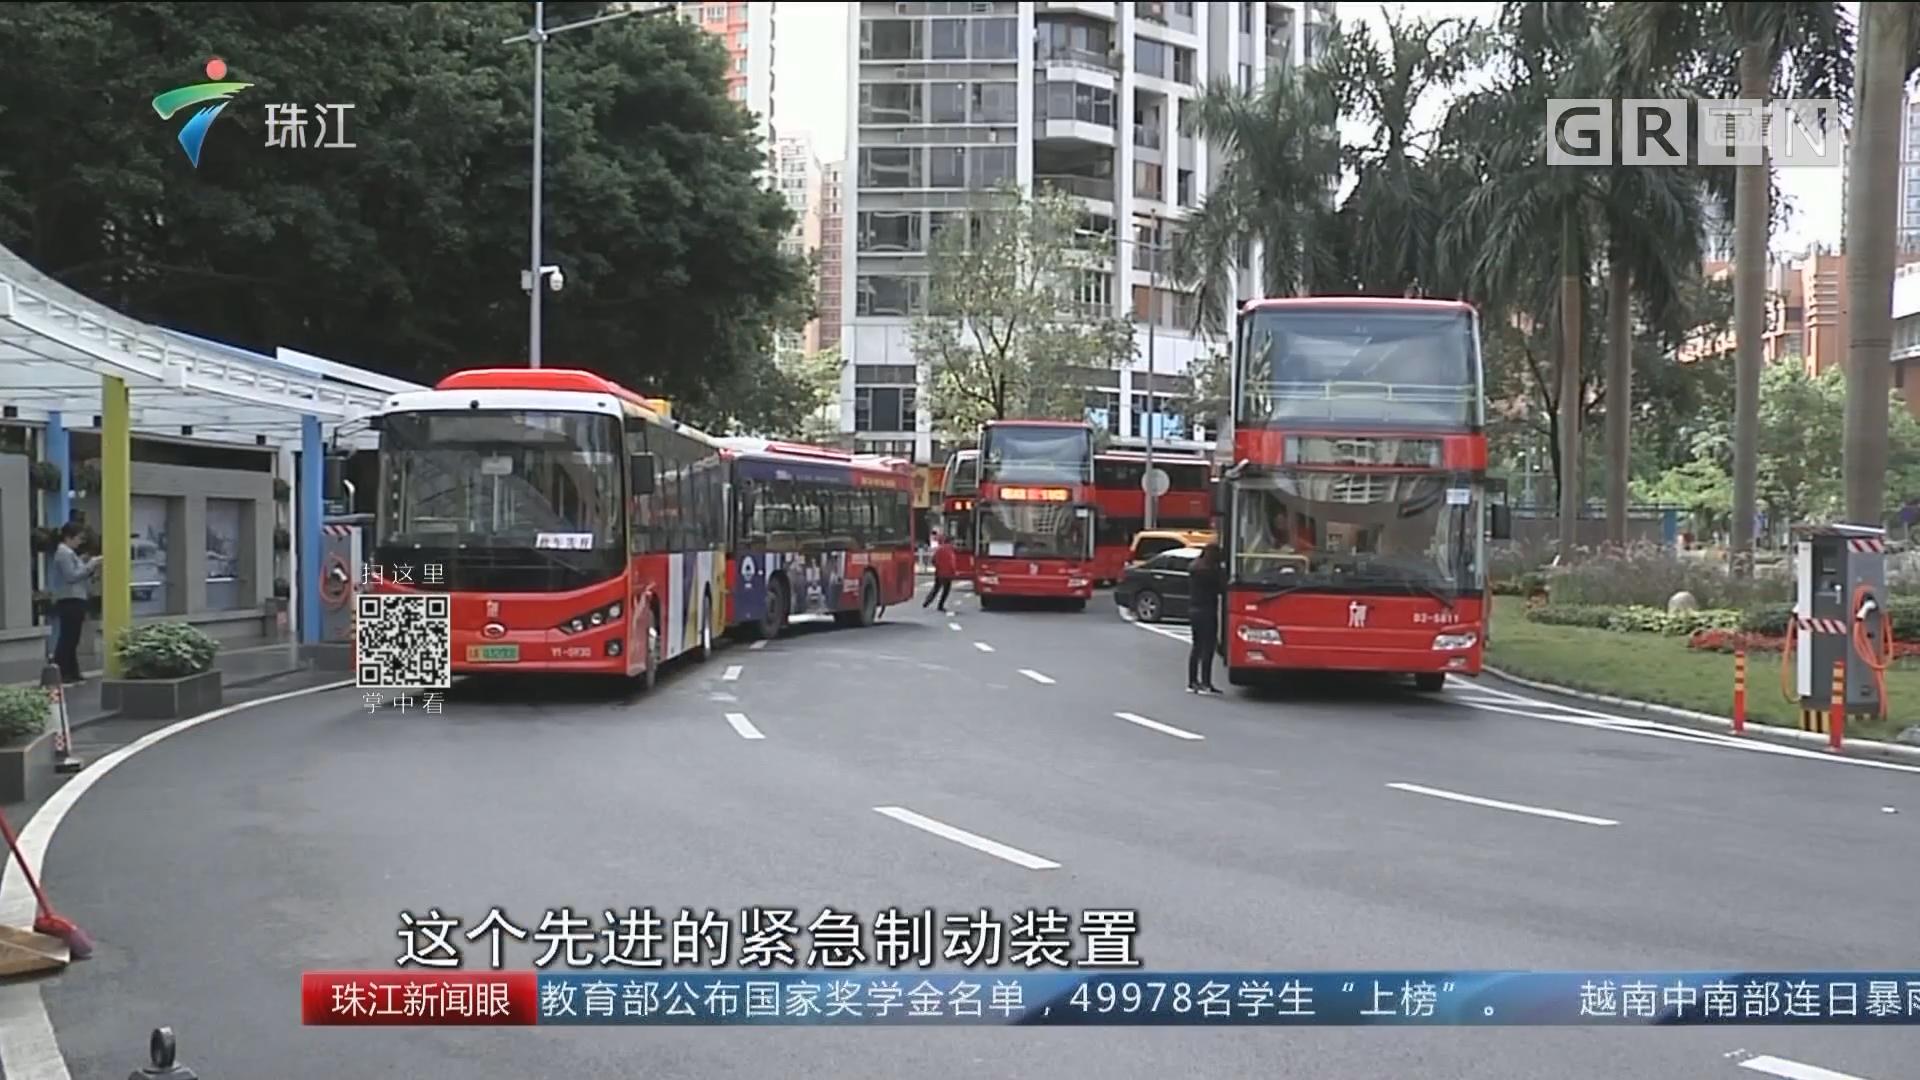 广州:新型纯电动智能双层巴士全线运行